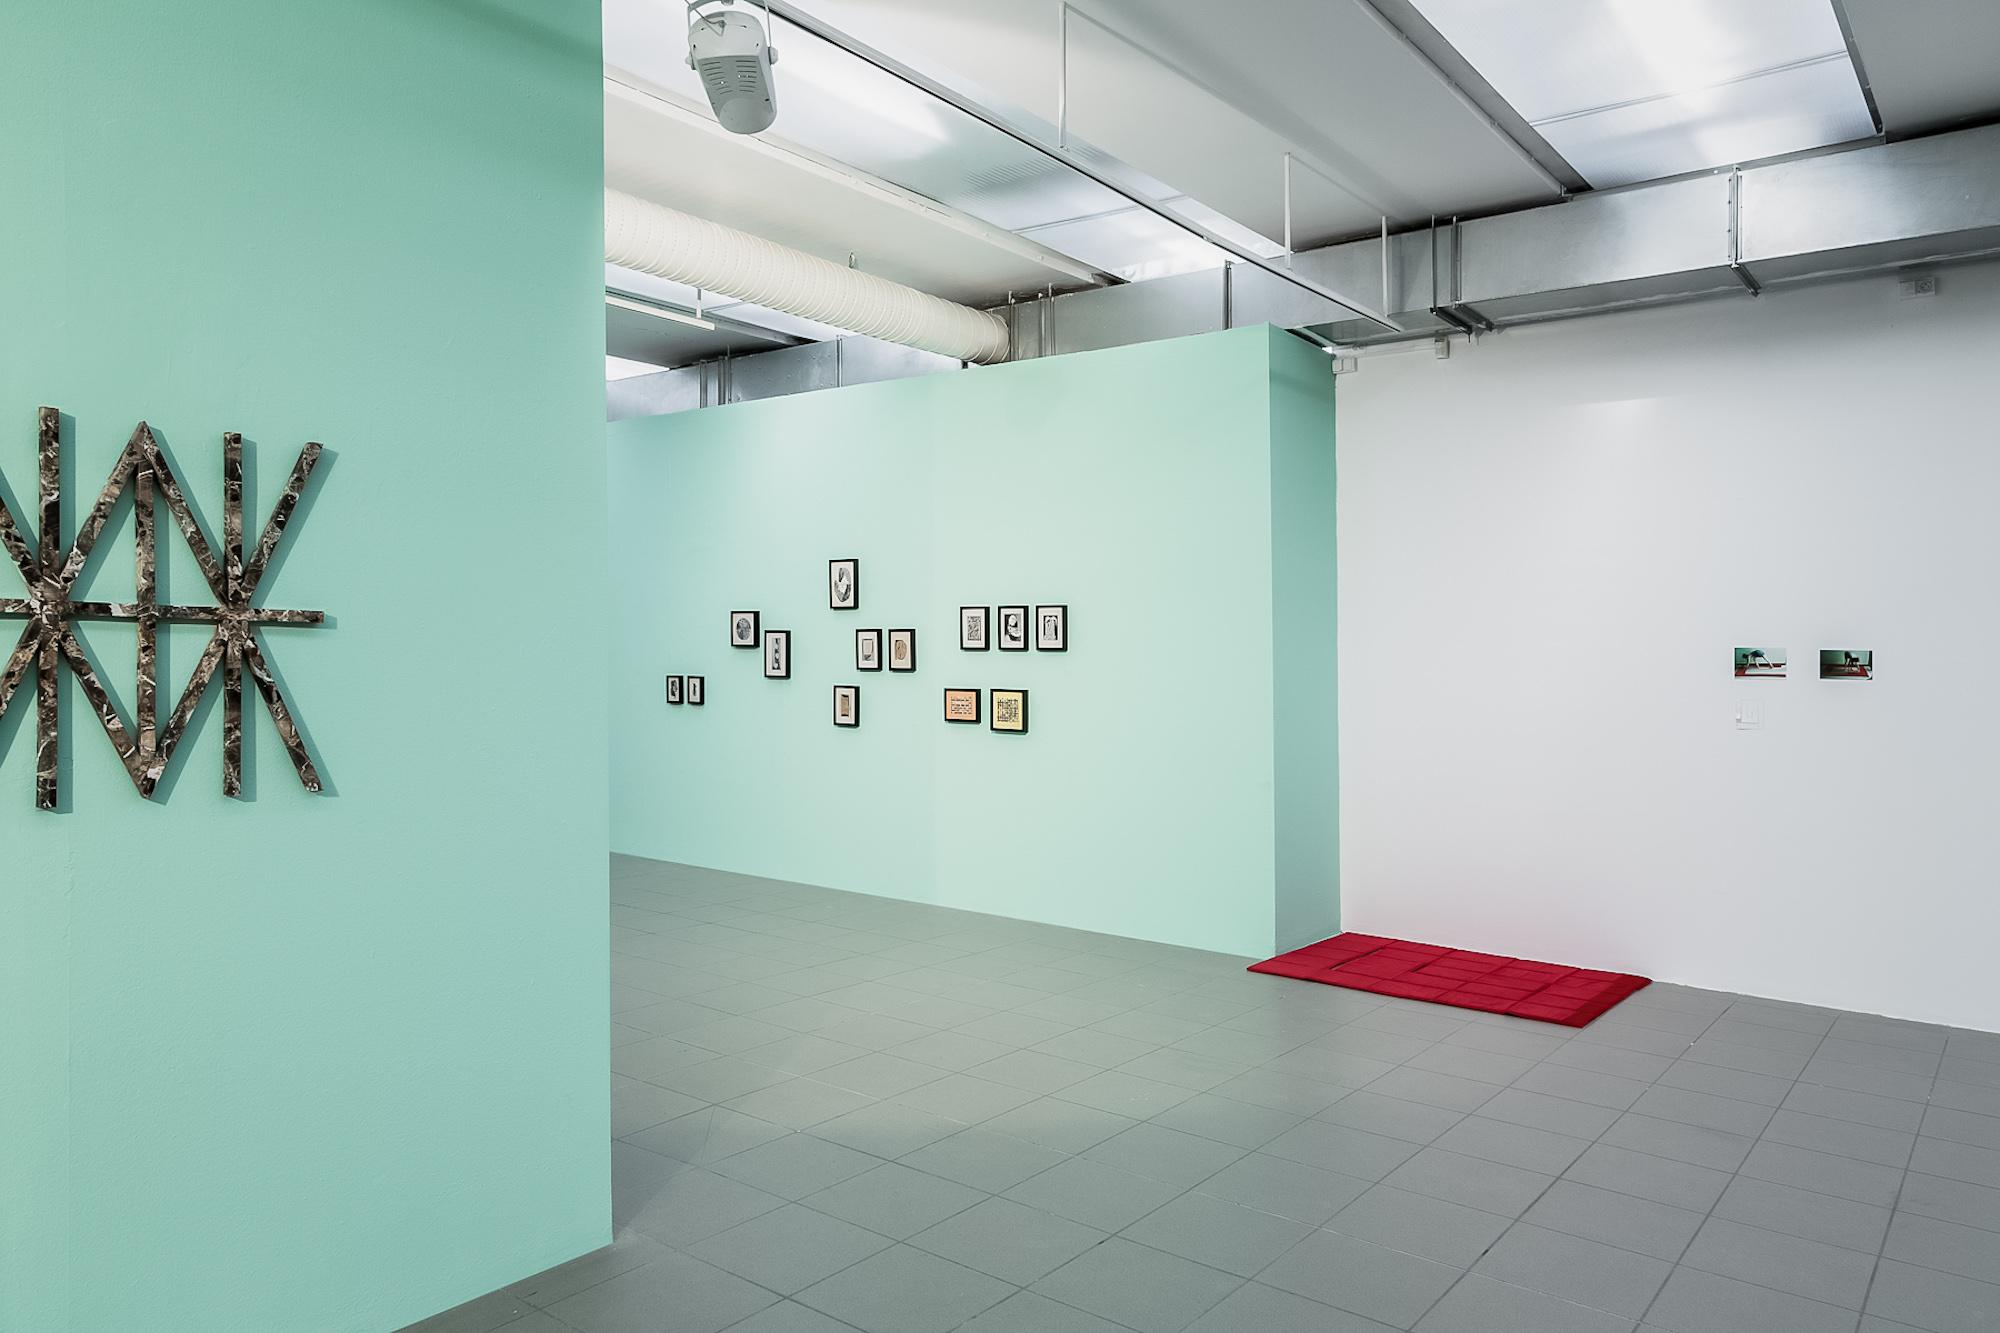 Od lewej: Szymon Szewczyk, beztytułu, kolaż, 2014-2015; Małgorzata Markiewicz, Przenośny oznaczacz miejsca, obiekt, aksamit, gąbka, 2016